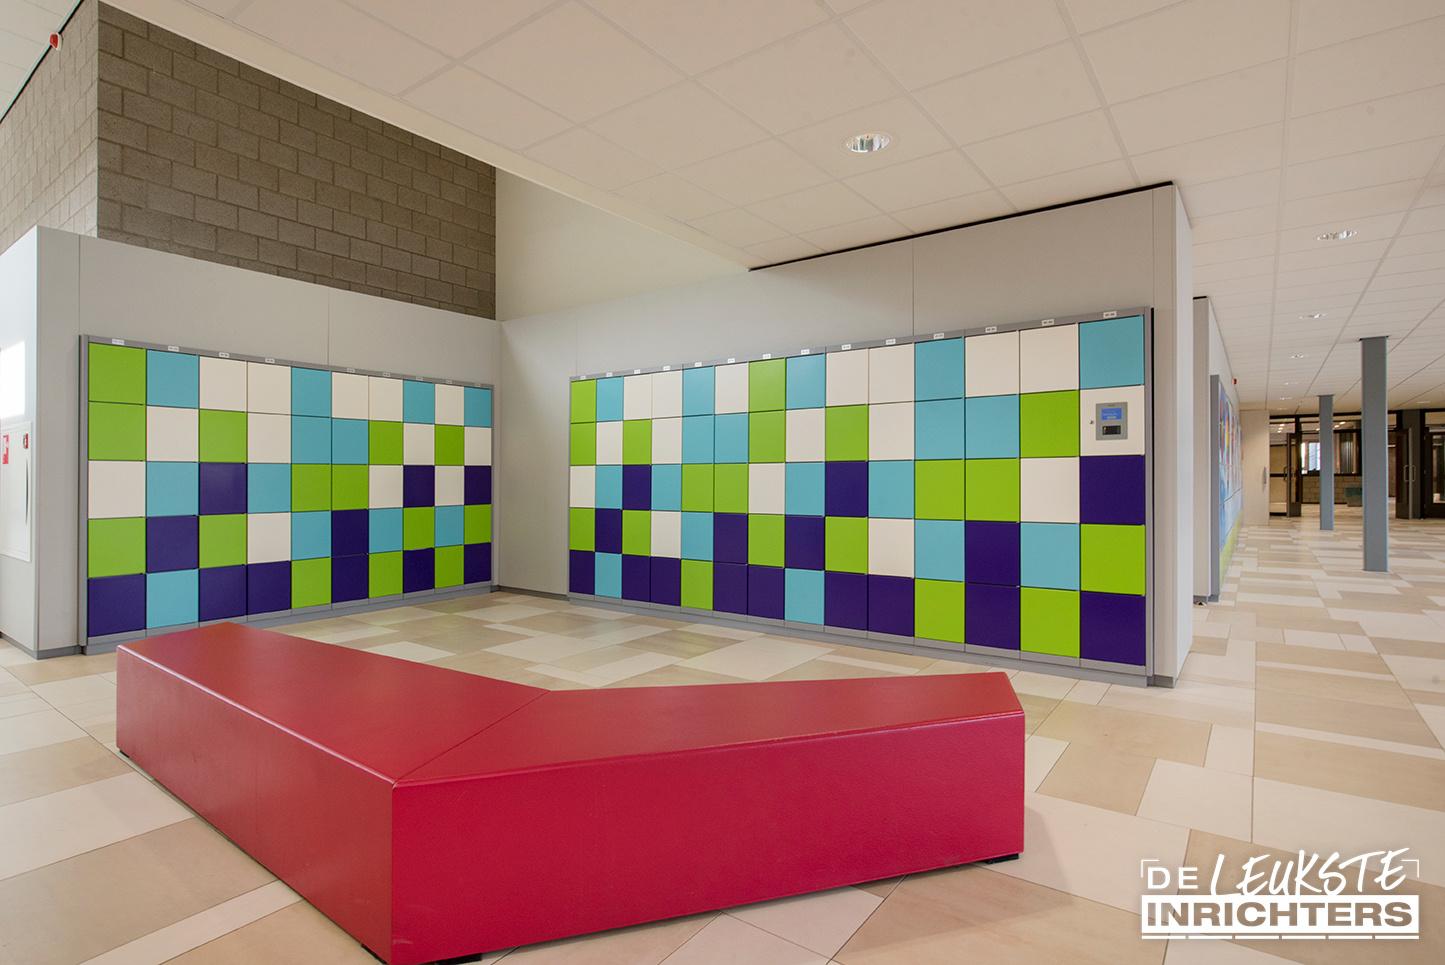 Alfrink aula hal gang ontwerp inrichting 6